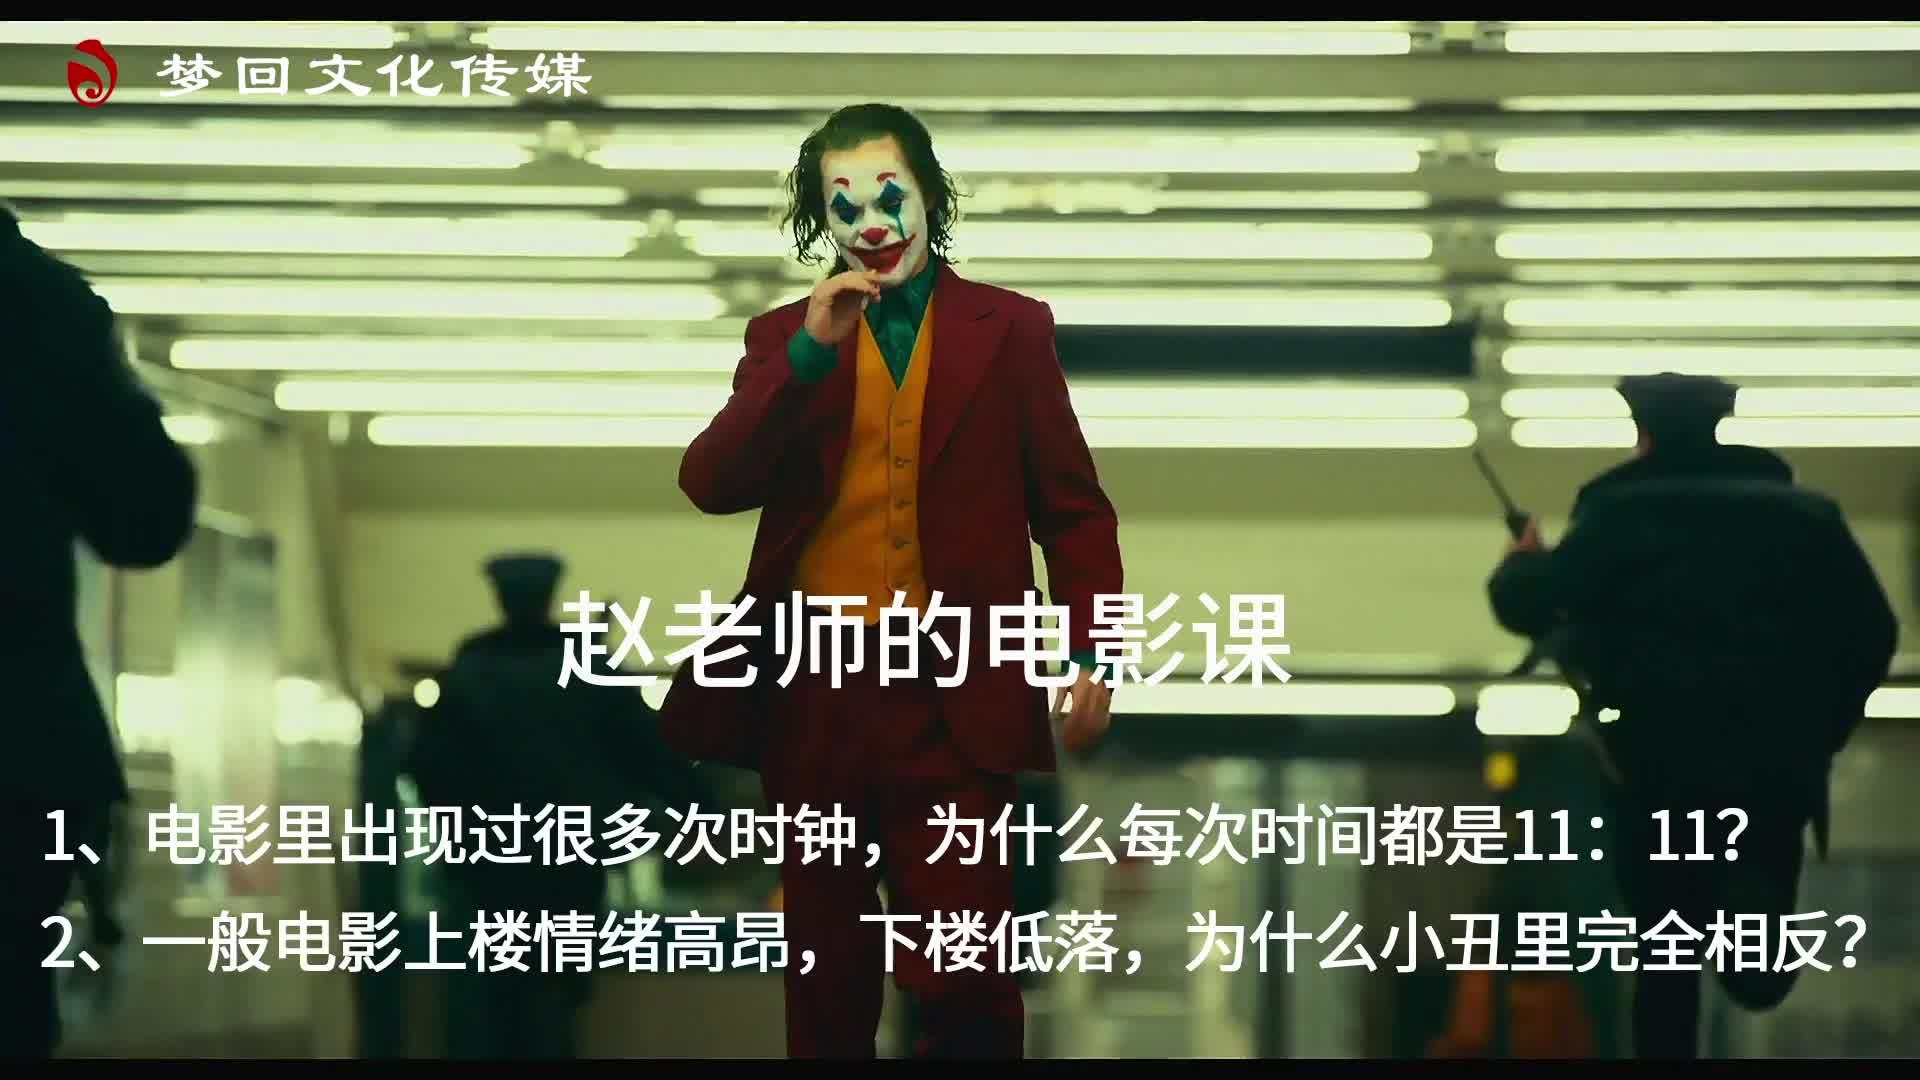 【赵老师的电影课】小丑